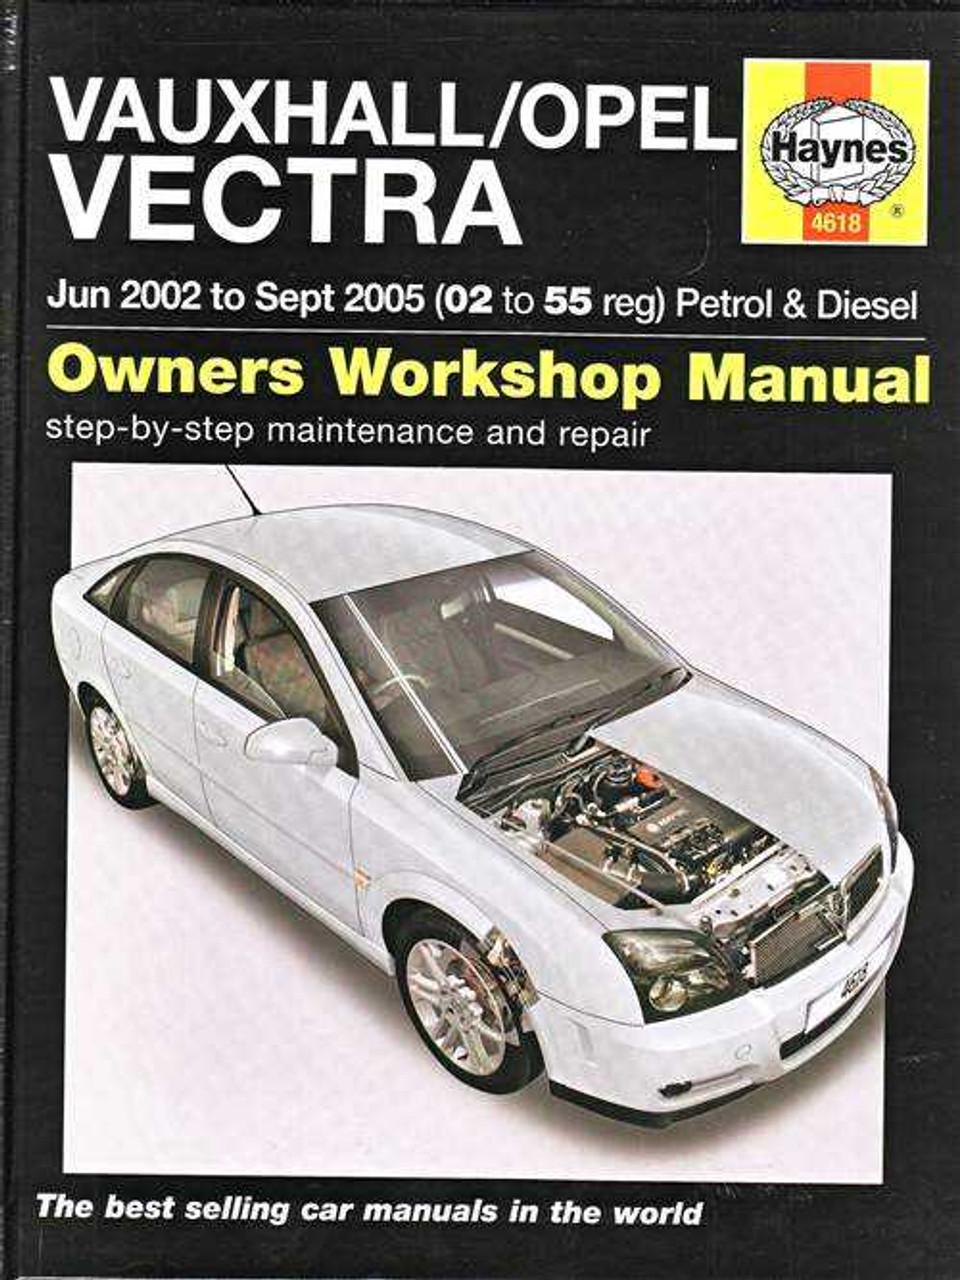 holden vectra 2002 2005 workshop manual rh automotobookshop com au Vauxhall Corsa Vauxhall VXR8